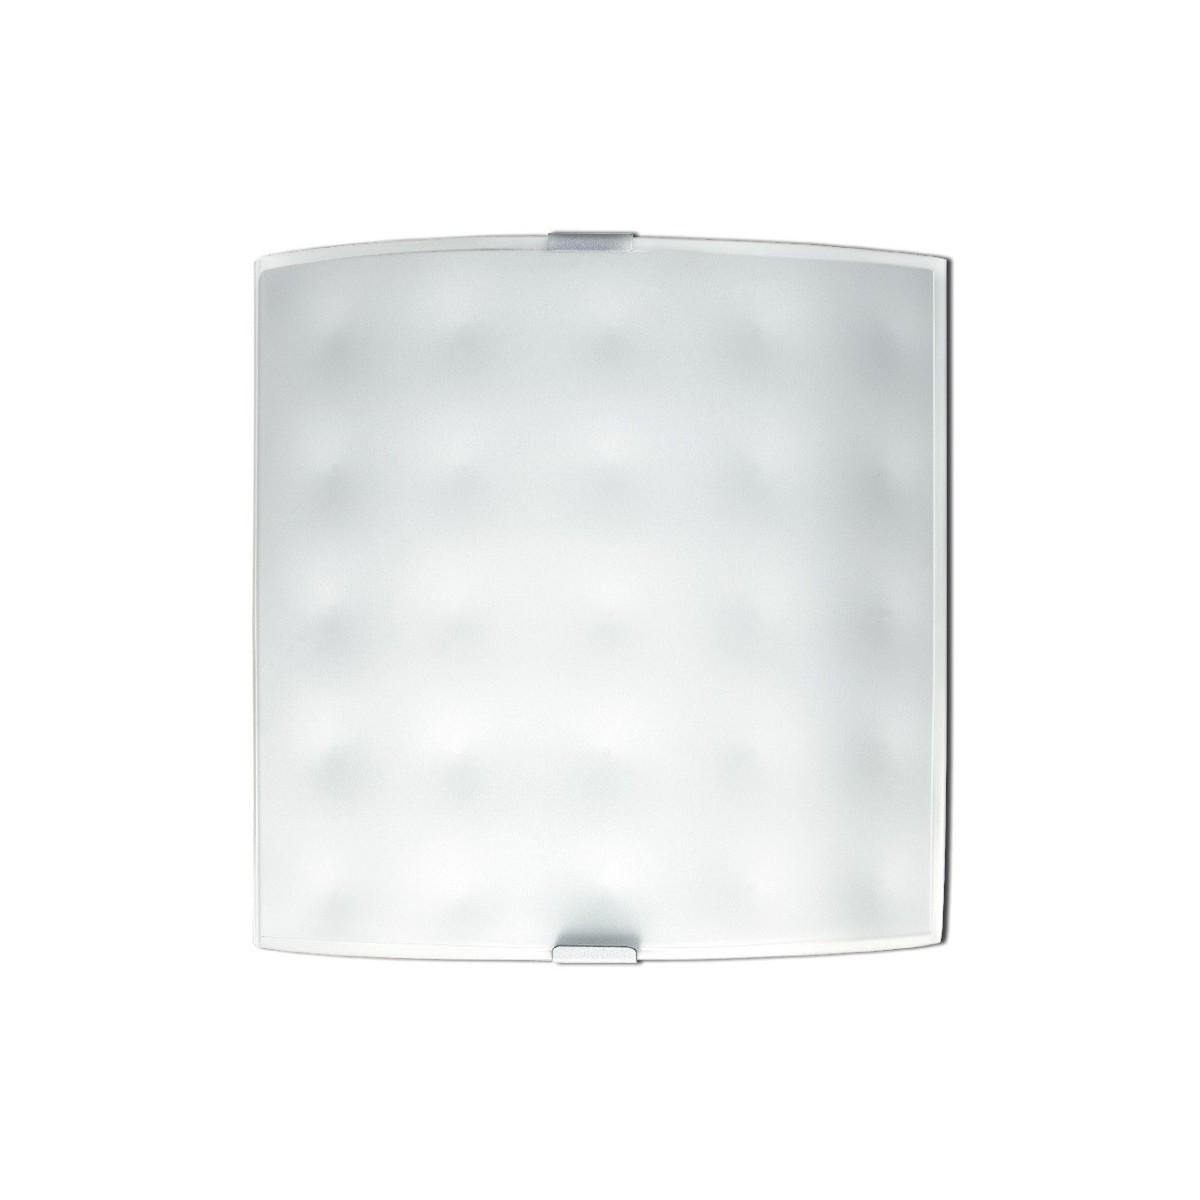 47/00312 - Applique Quadrata Bianca Vetro decoro Moderno Interno E27